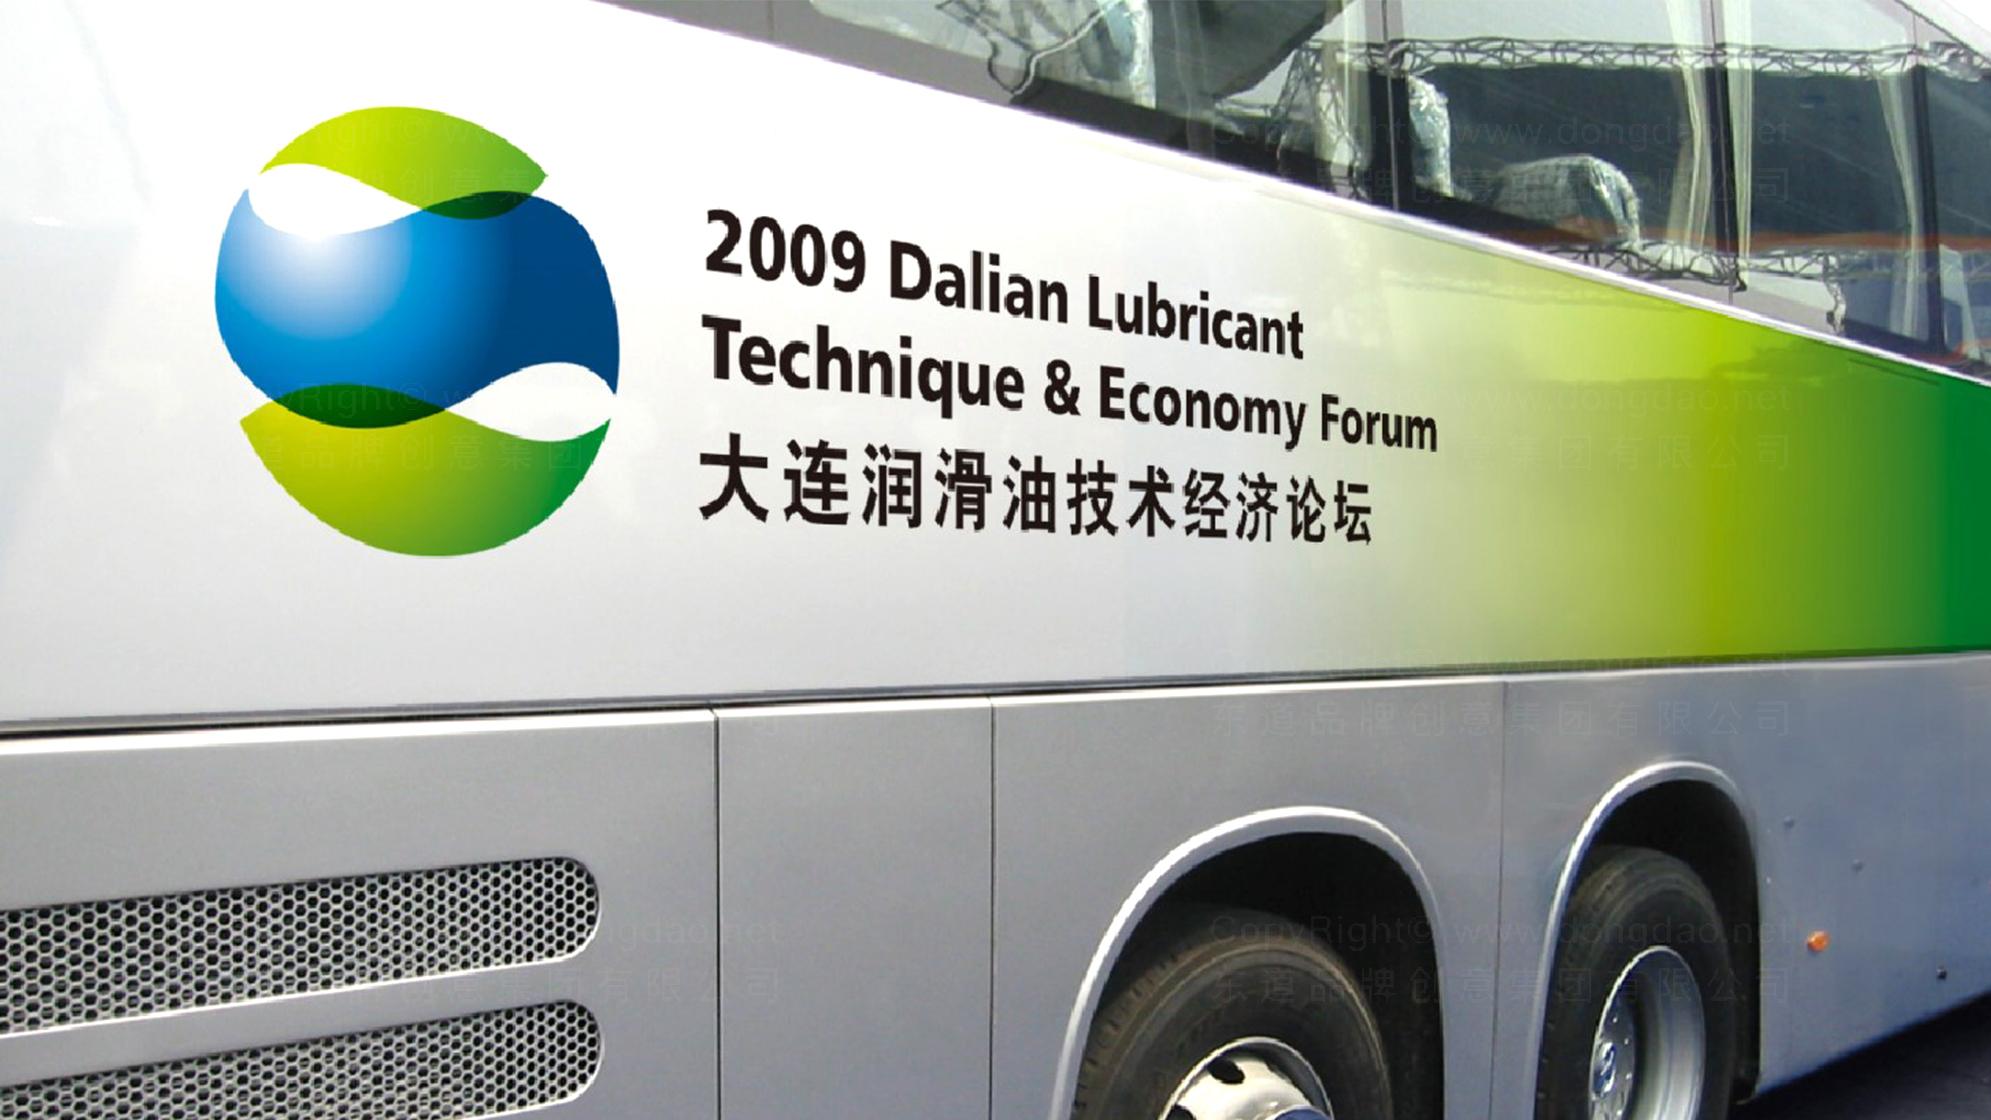 品牌设计大连润滑油技术经济论坛LOGO&VI设计应用场景_3